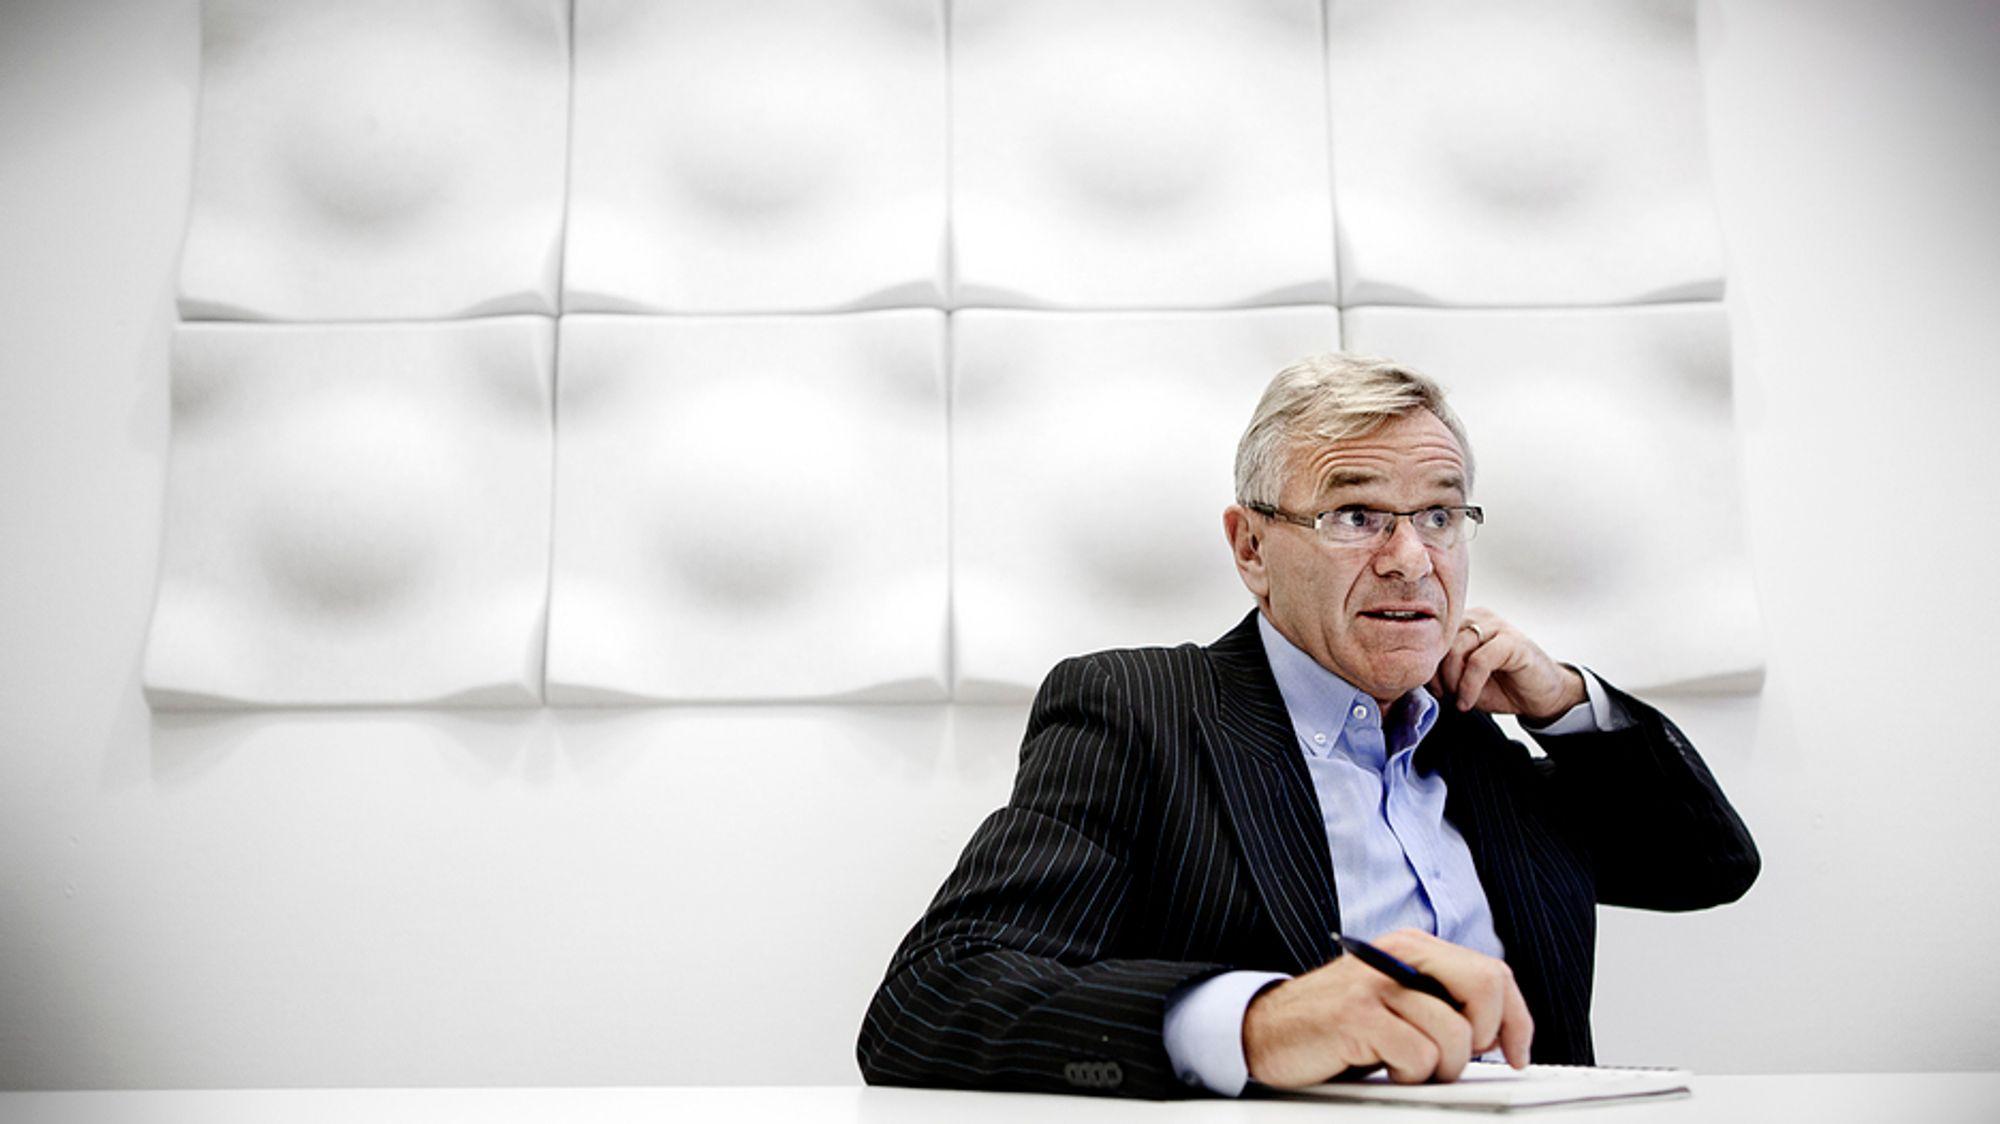 Terje Osmundsen, tidligere Scatec Solar-direktør, skal nå hjelpe norske teknologiprosjekter som kan lykkes med å gi fornybar energi til utviklingsland.